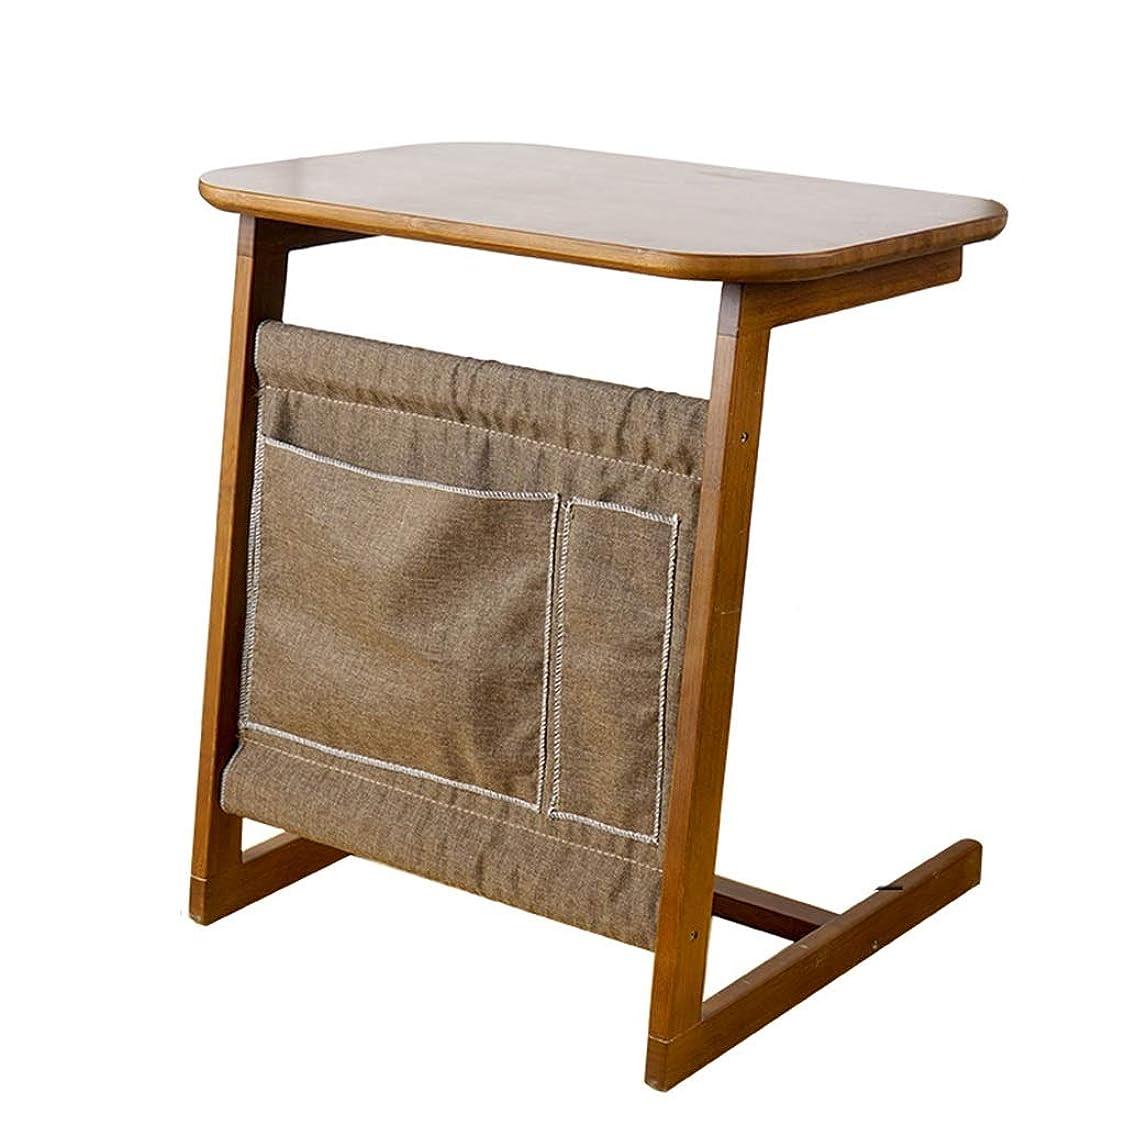 防水機械食堂QFF-コンピュータデスク ベッドサイドテーブル、シンプルなそれは小さなデスクベッドルームバルコニーのコーヒーテーブル研究ラップトップテーブル研究テーブルを移動することができます 研究テーブル (サイズ さいず : 60*40*65cm)